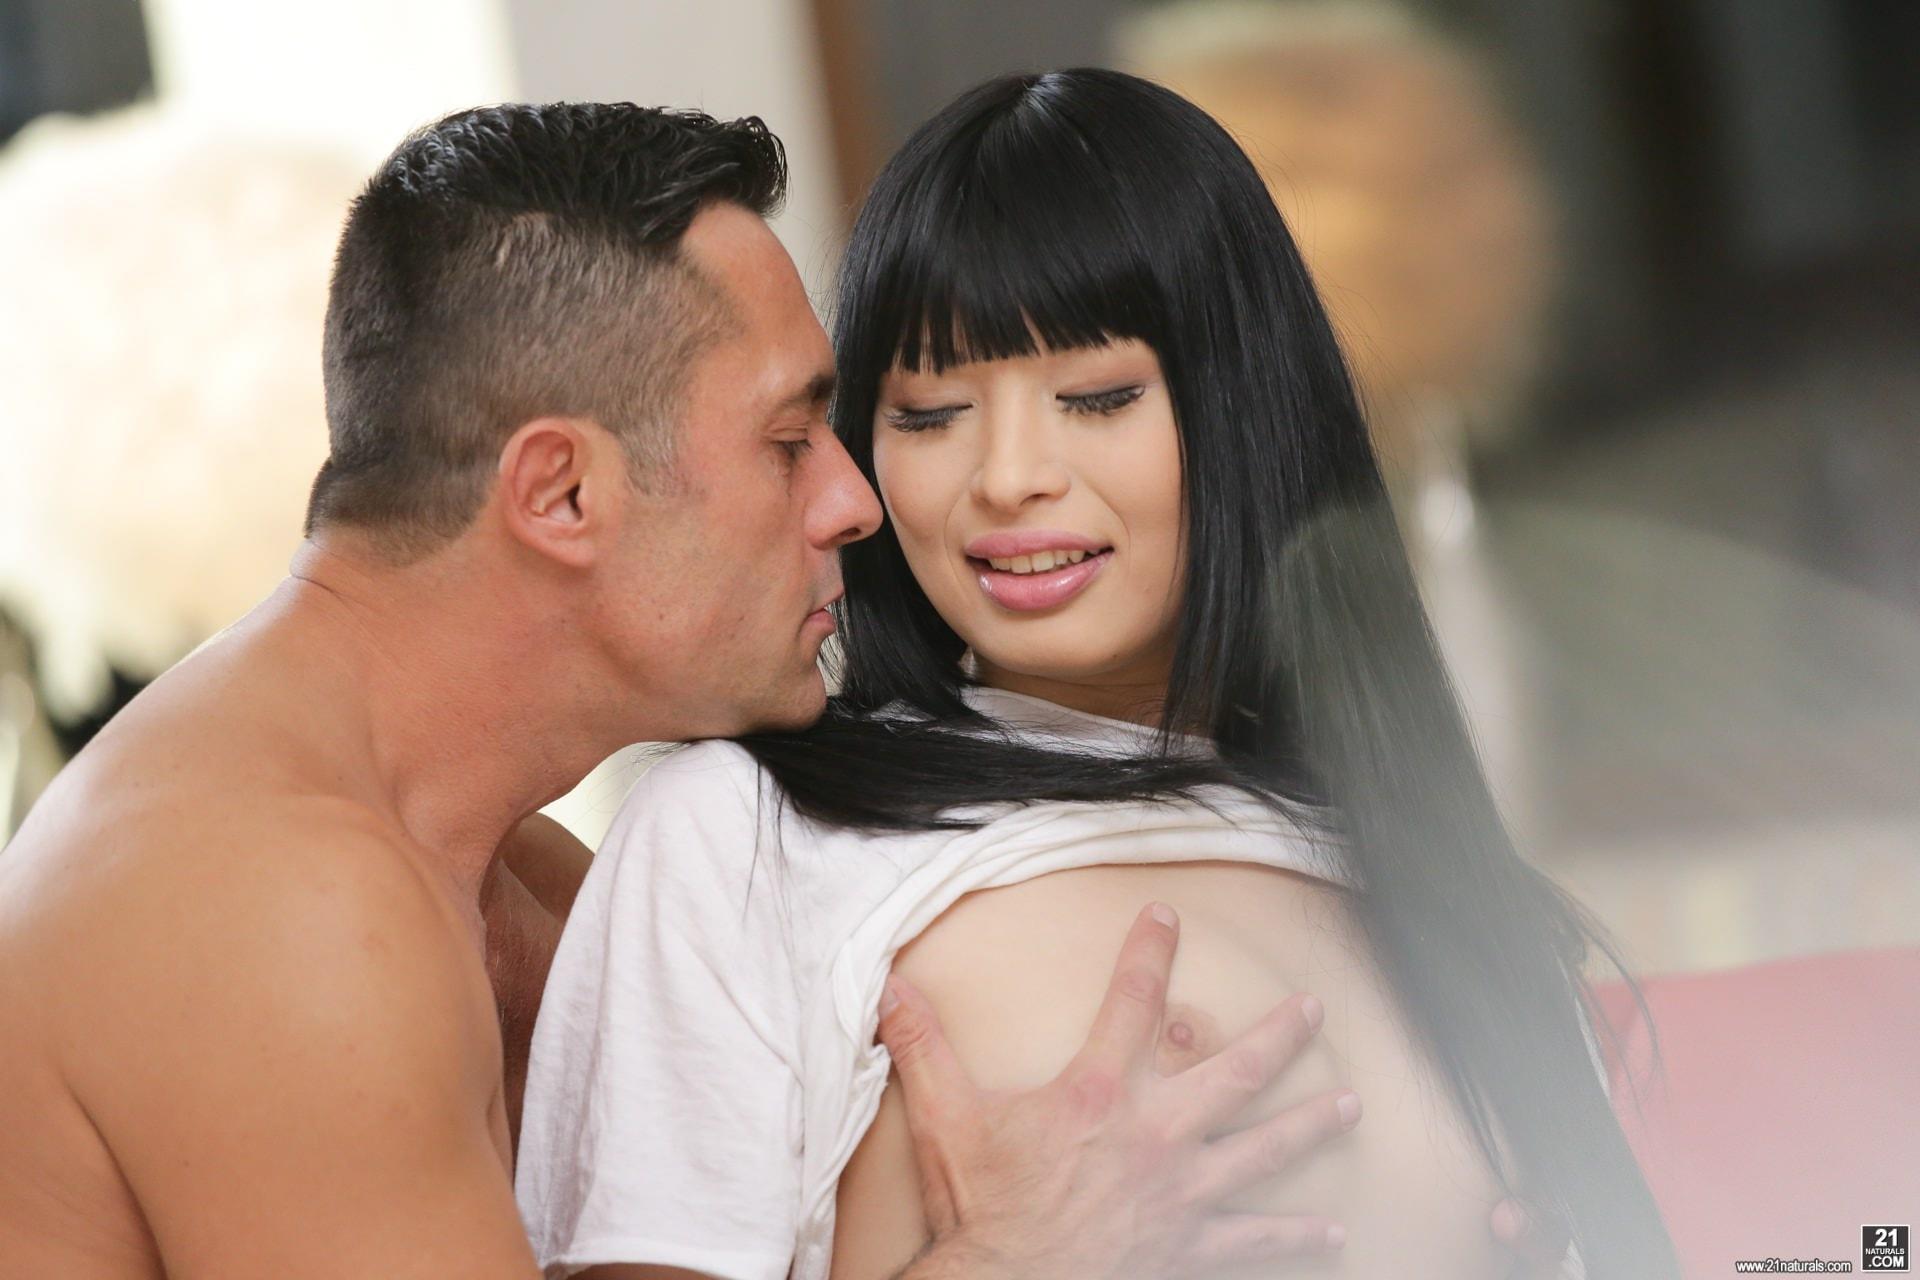 21Sextury 'Japanese Girlfriend' starring Miyabi (Photo 14)